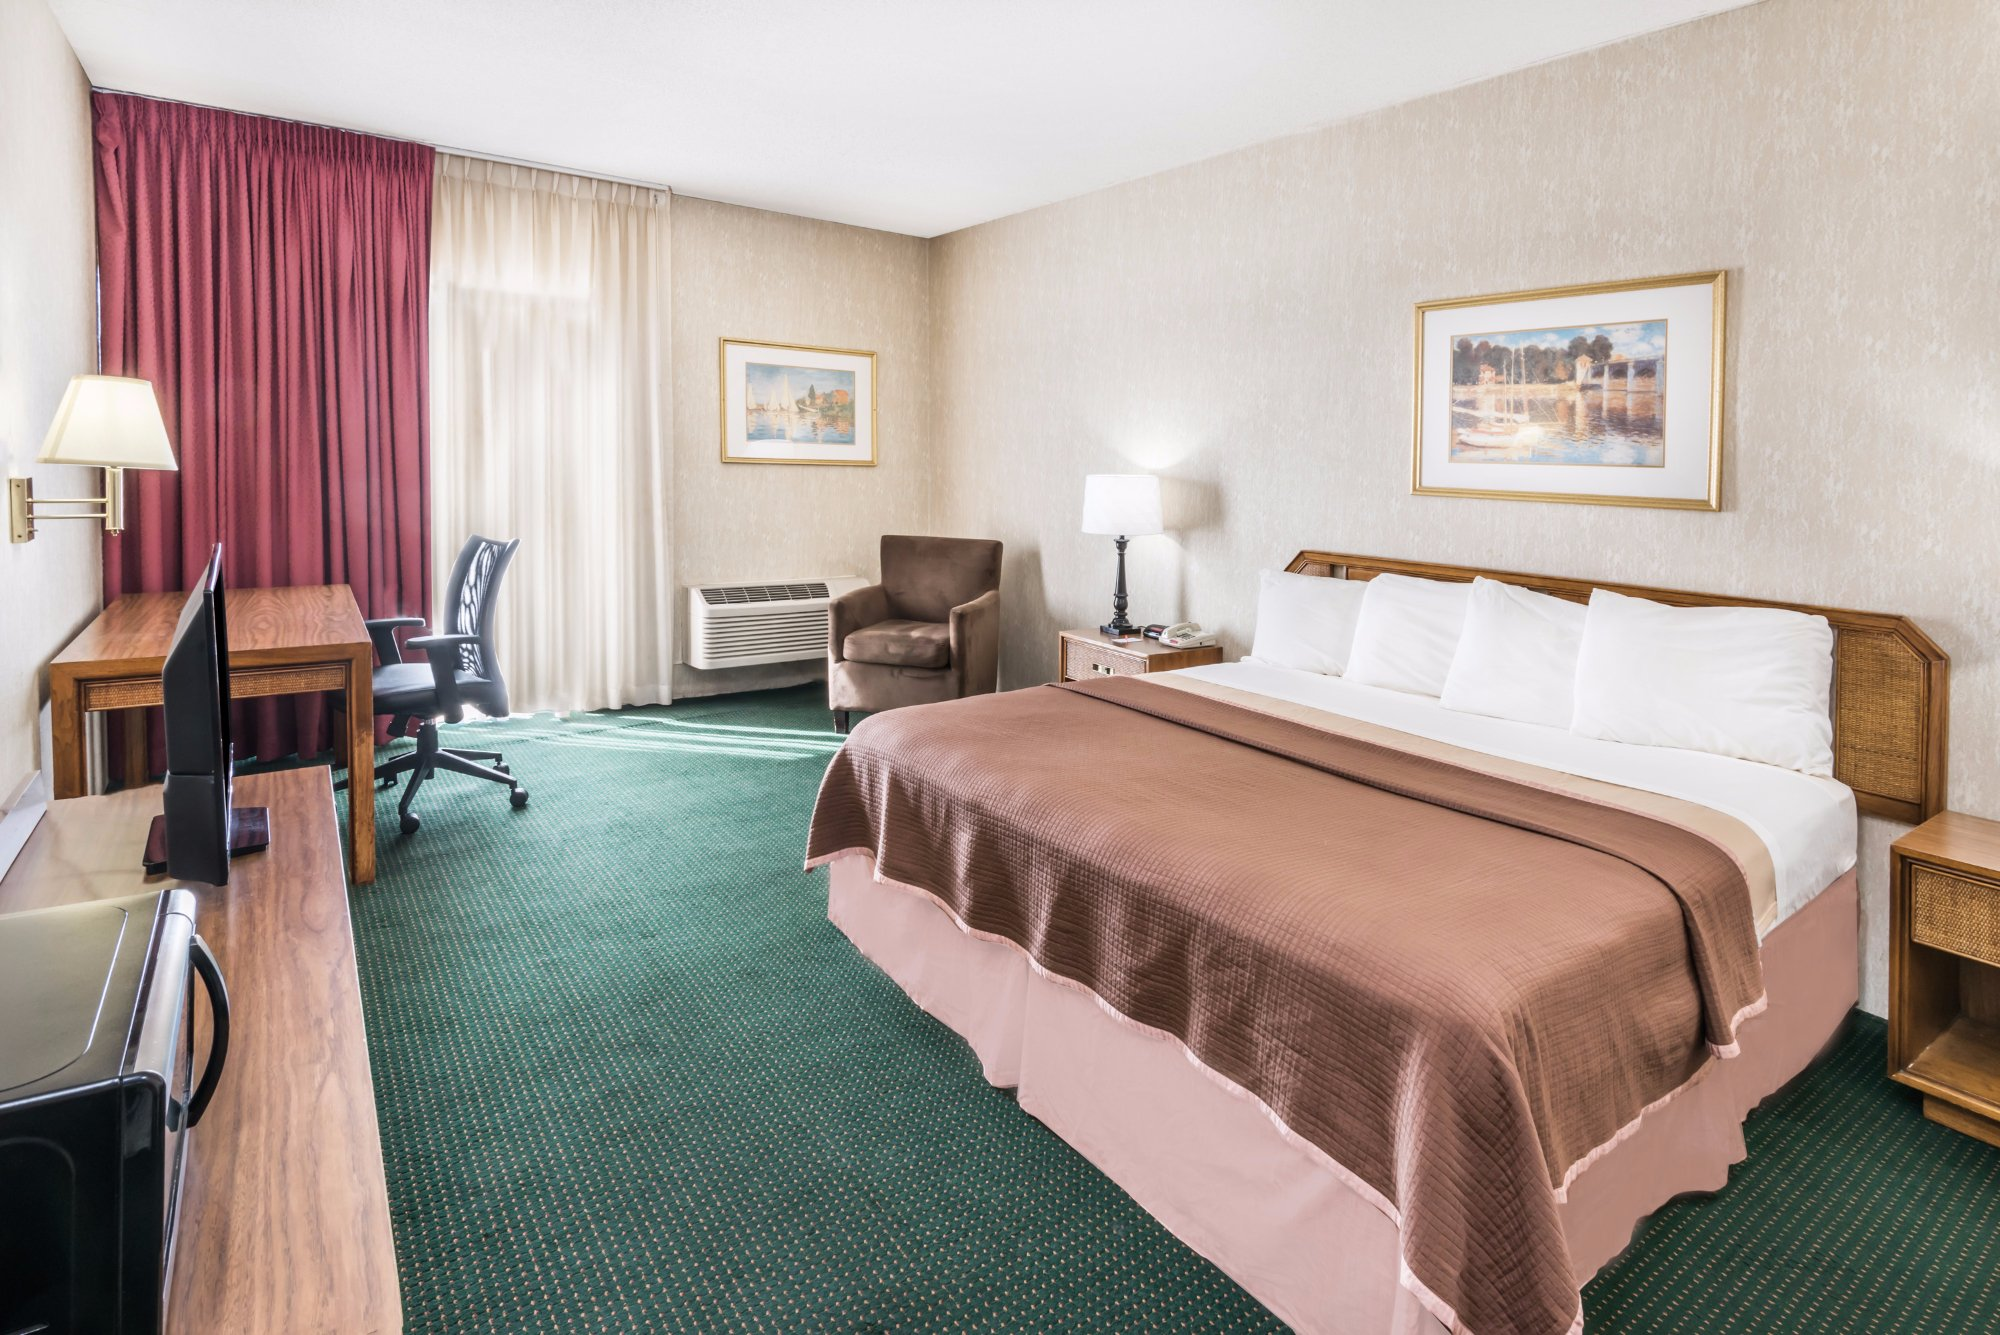 ハワード ジョンソン ホテル-ミルフォード